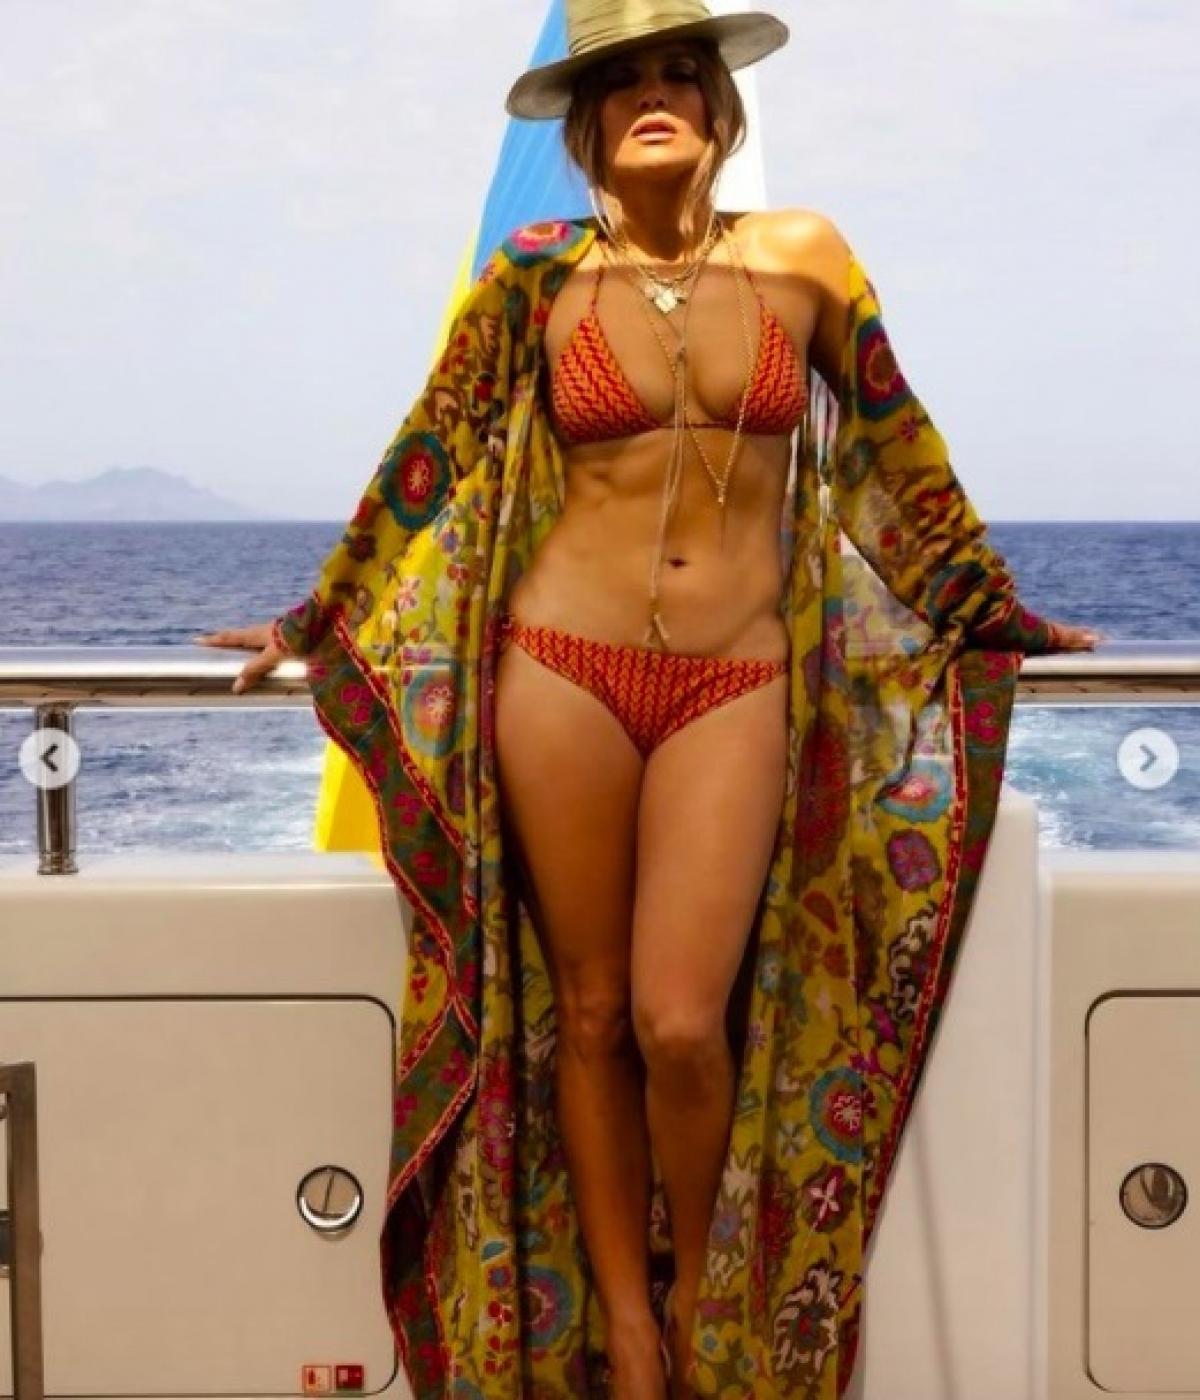 Jennifer Lopez và Ben Affleckđã thuê du thuyền với giá 1,1 triệu USD một tuần, chu du từ Pháp tới Italy và Monte Carlo. Du thuyền dài 85 m, có bể bơi, bể sục, phòng tập gym, phòng massage.